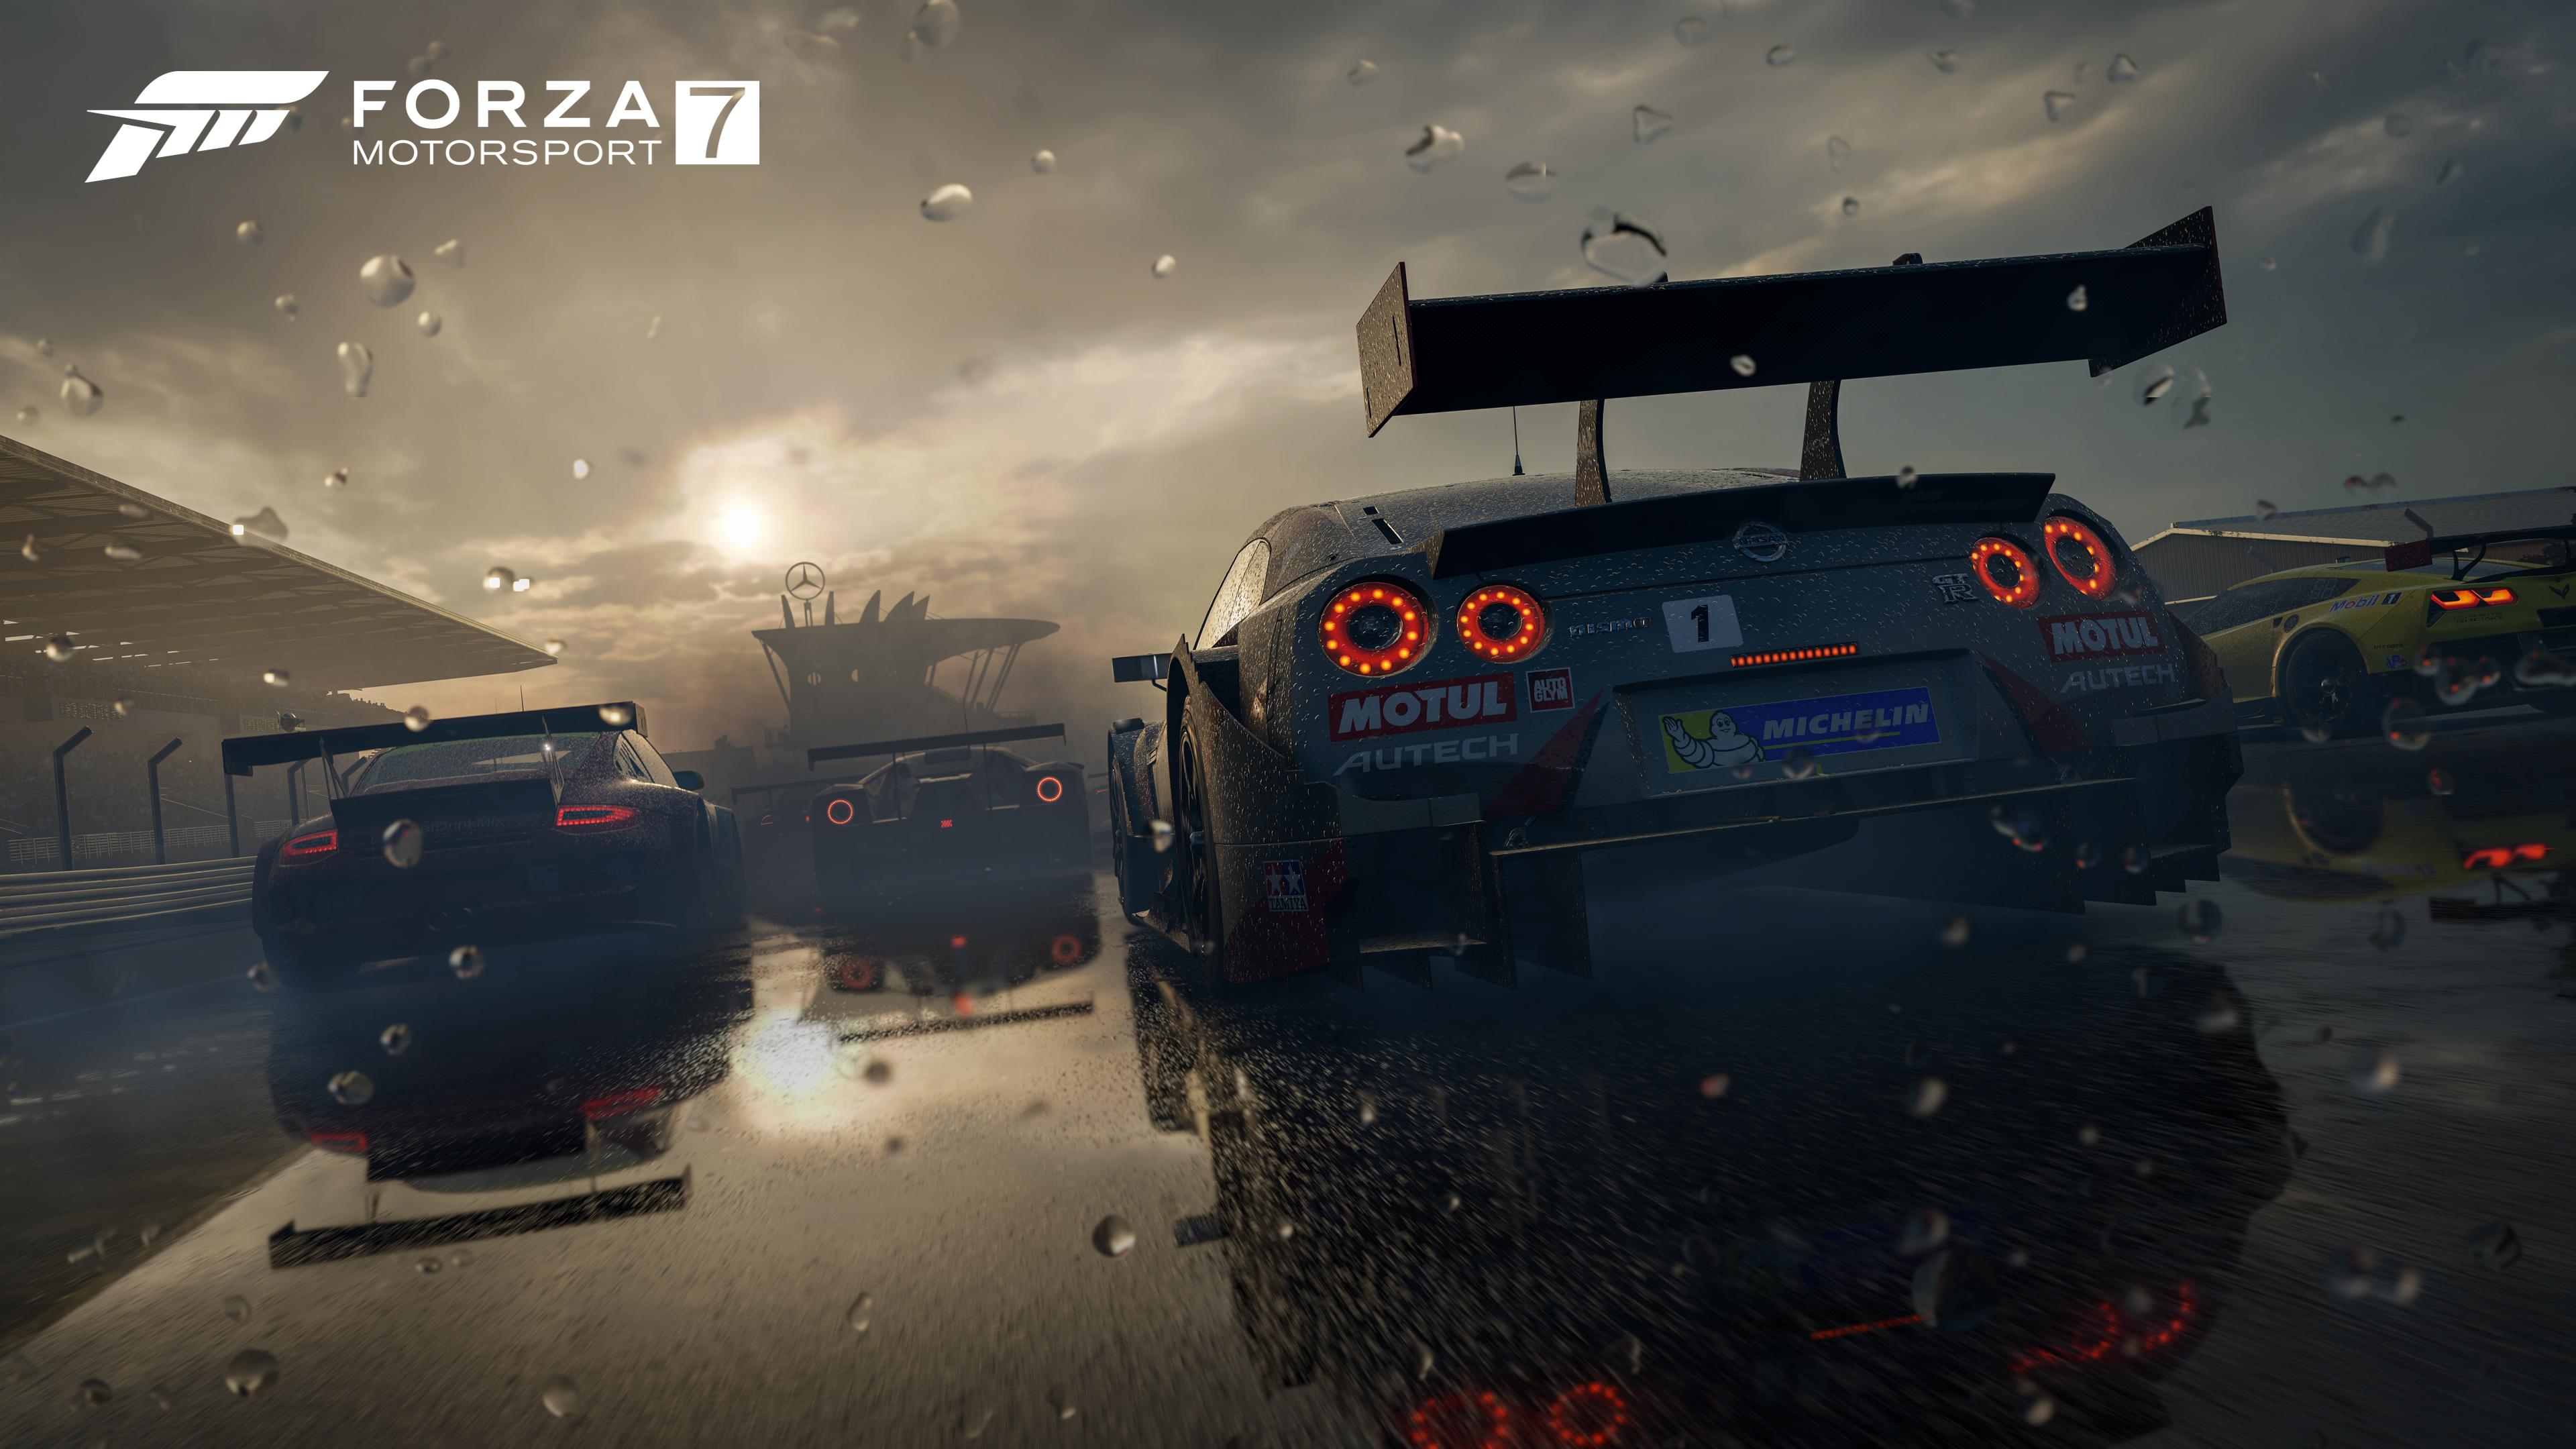 Forza Motorsport 7 To Sport 4k Textures Enhanced Lighting